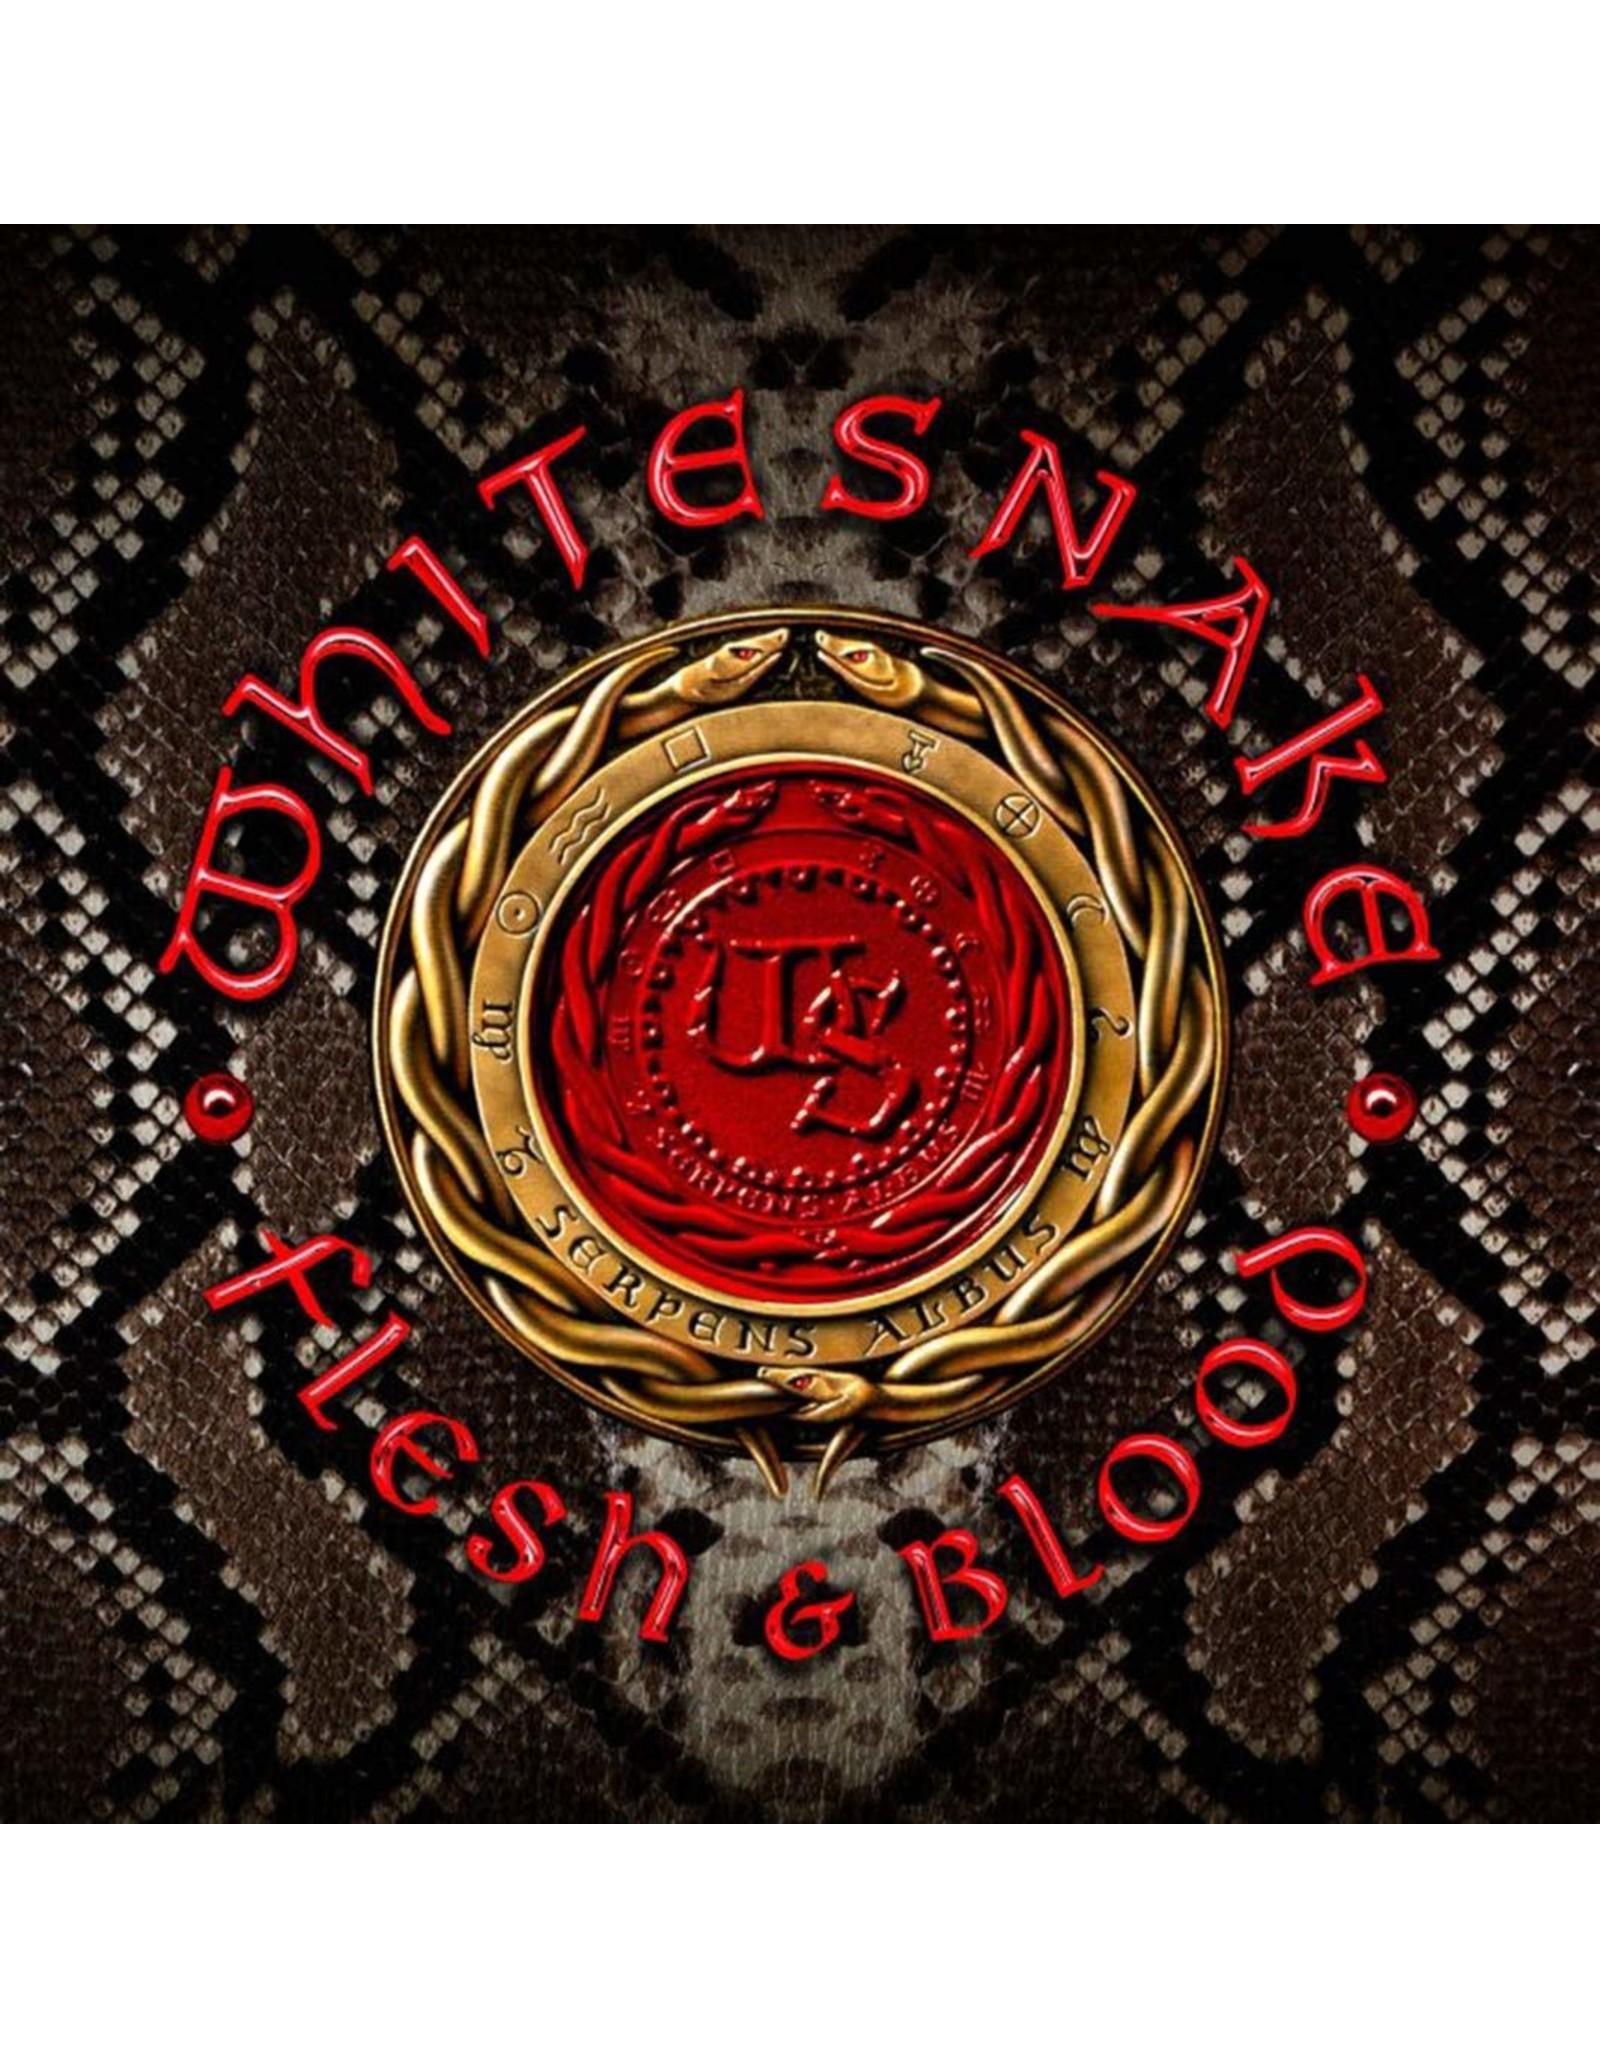 Whitesnake - Flesh & Blood LP